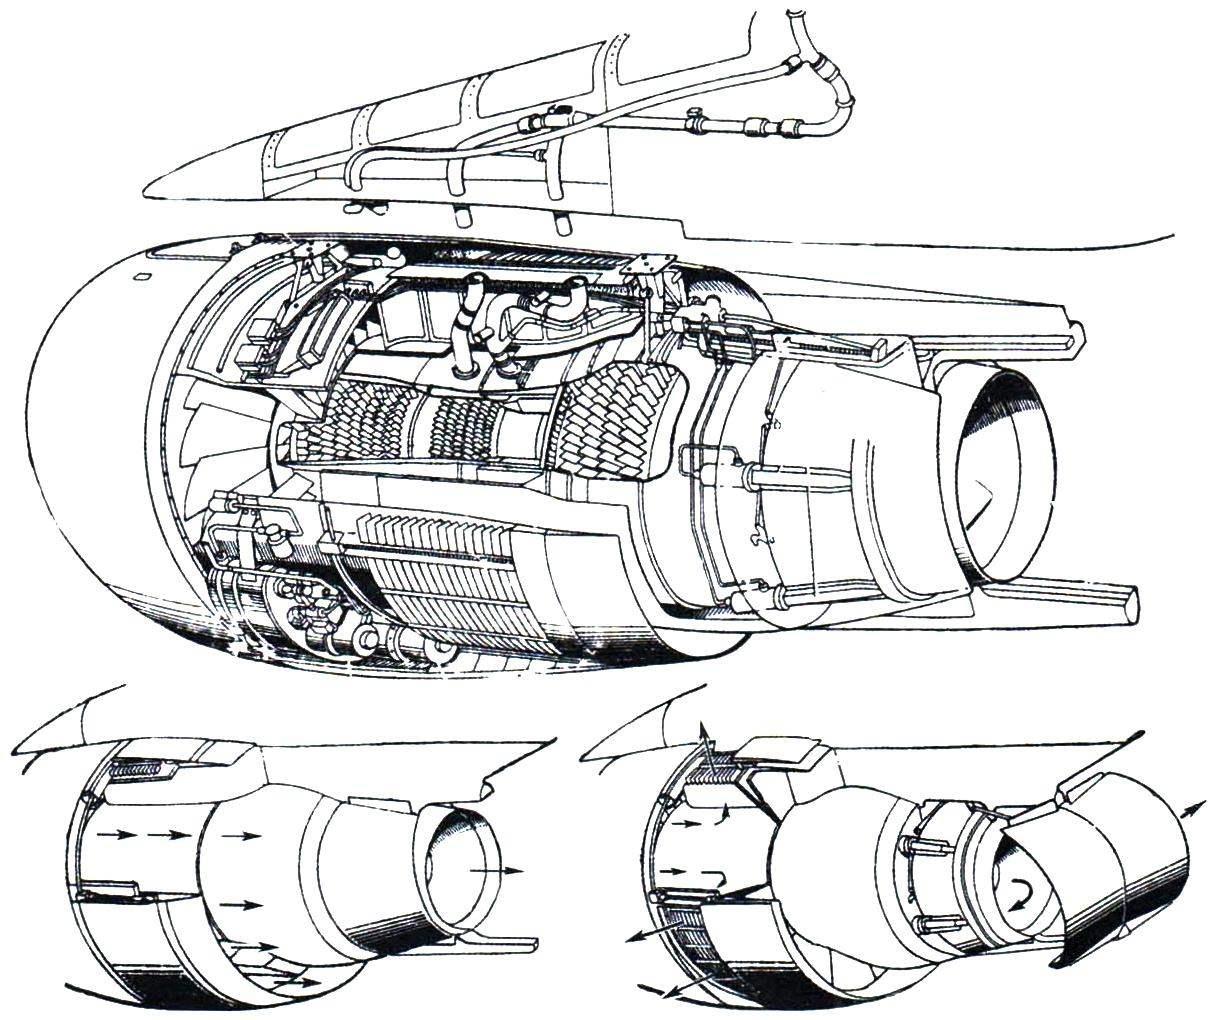 Расположение двигателя в мотогондоле и схема действия устройства для отклонения тяги двухконтурного турбореактивного двигателя Роллс-Ройс RB.211. Одна из модификаций этого двигателя разрабатывалась для самолётов Боинг-747